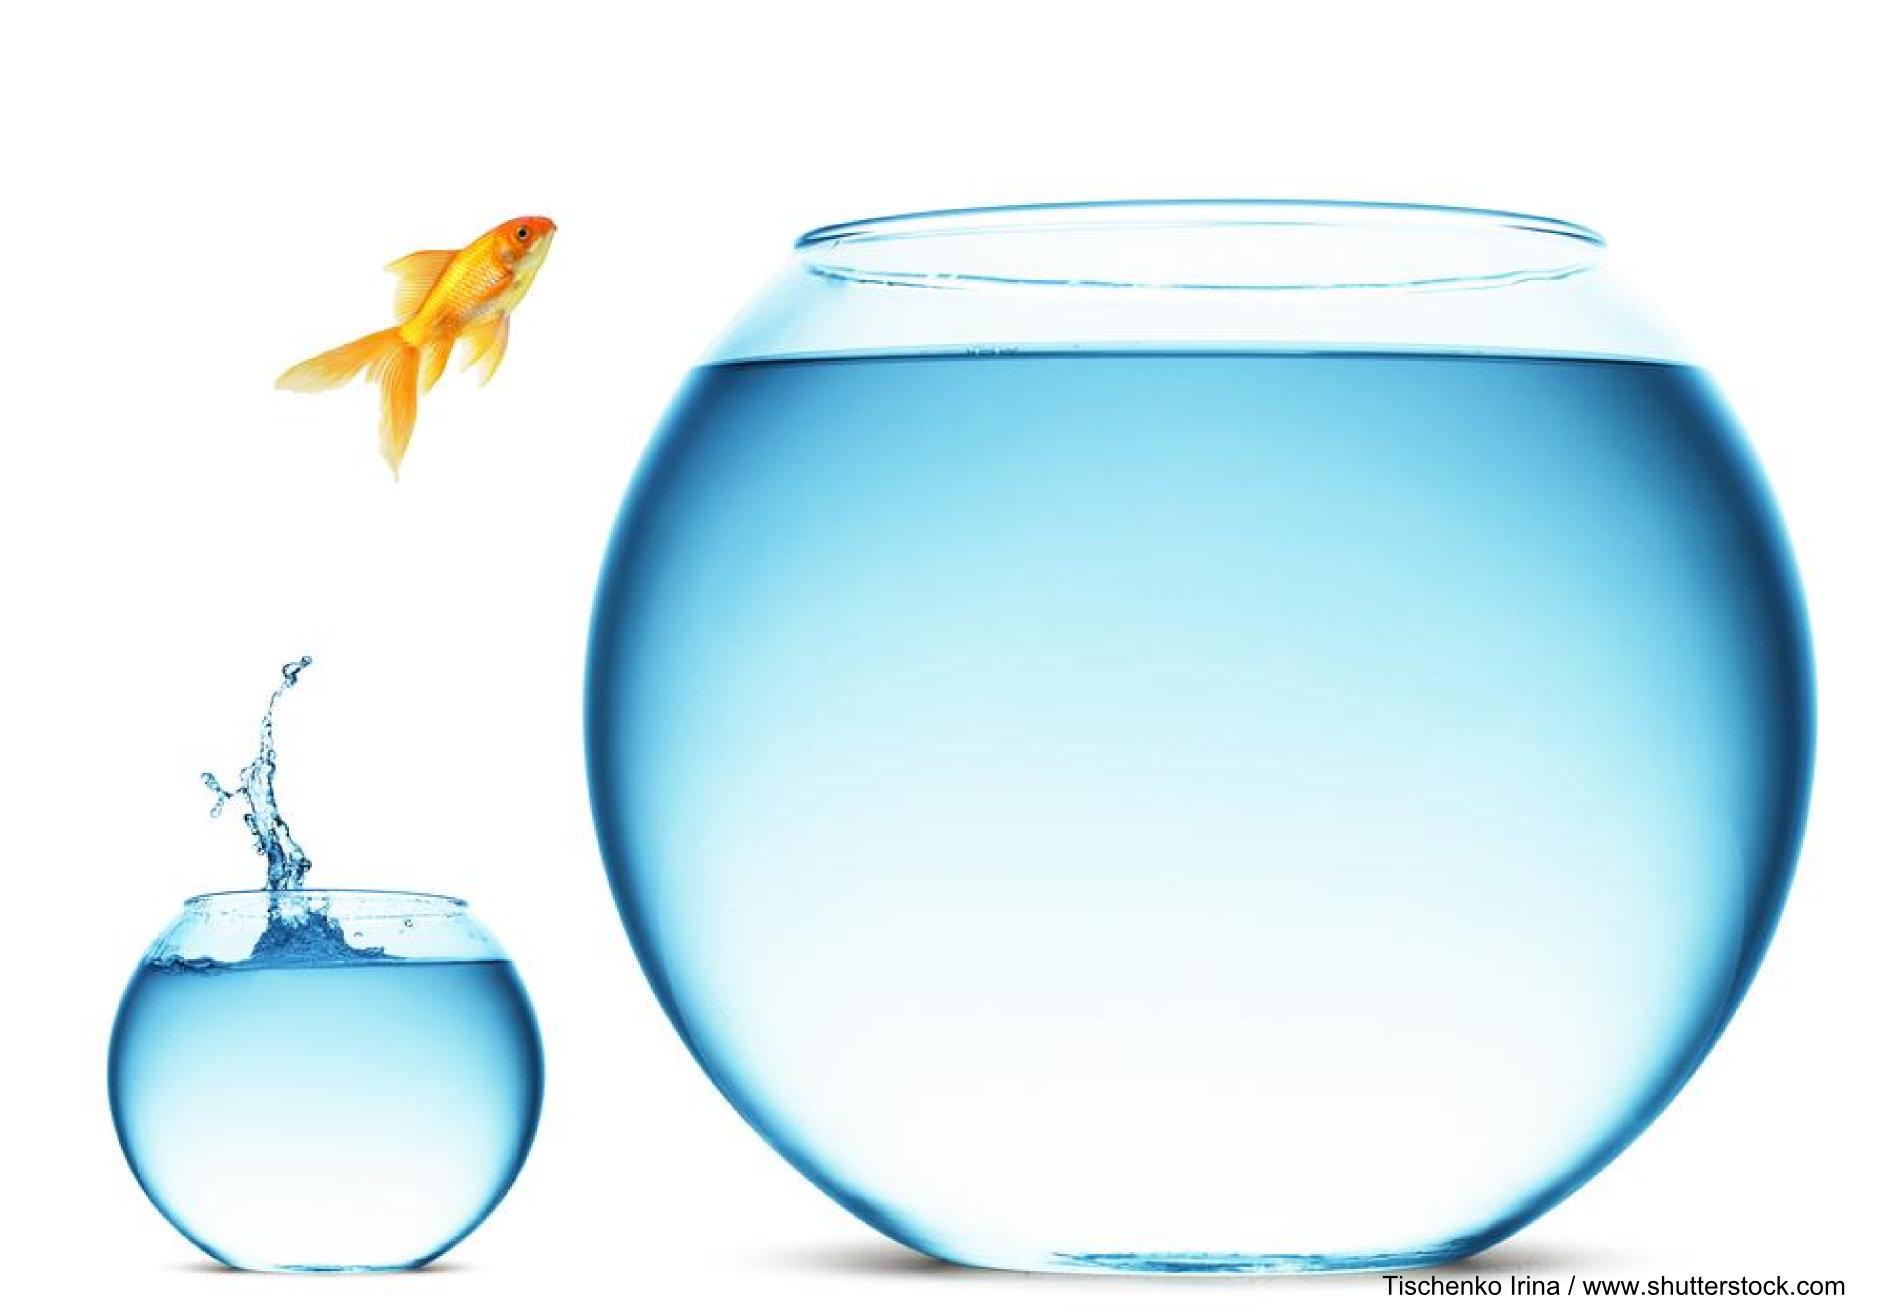 Nutzen Sie ein Coaching in der Potentialschmiede, um Ihre Potentiale zu entfalten.